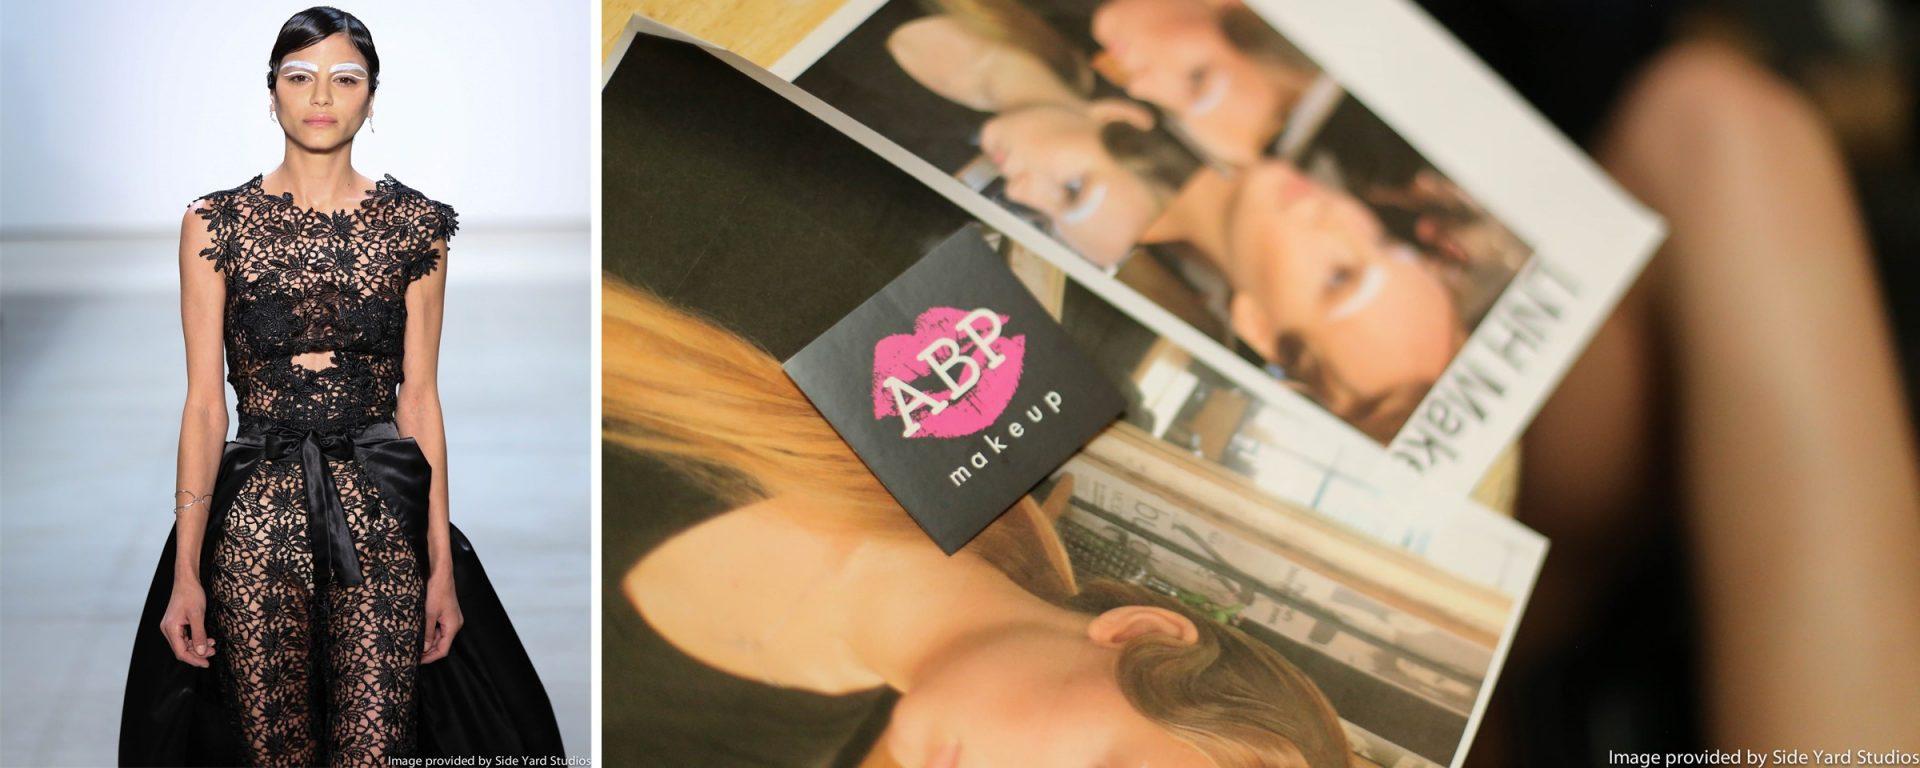 09.27.16_ABPMakeup_FashionWeek